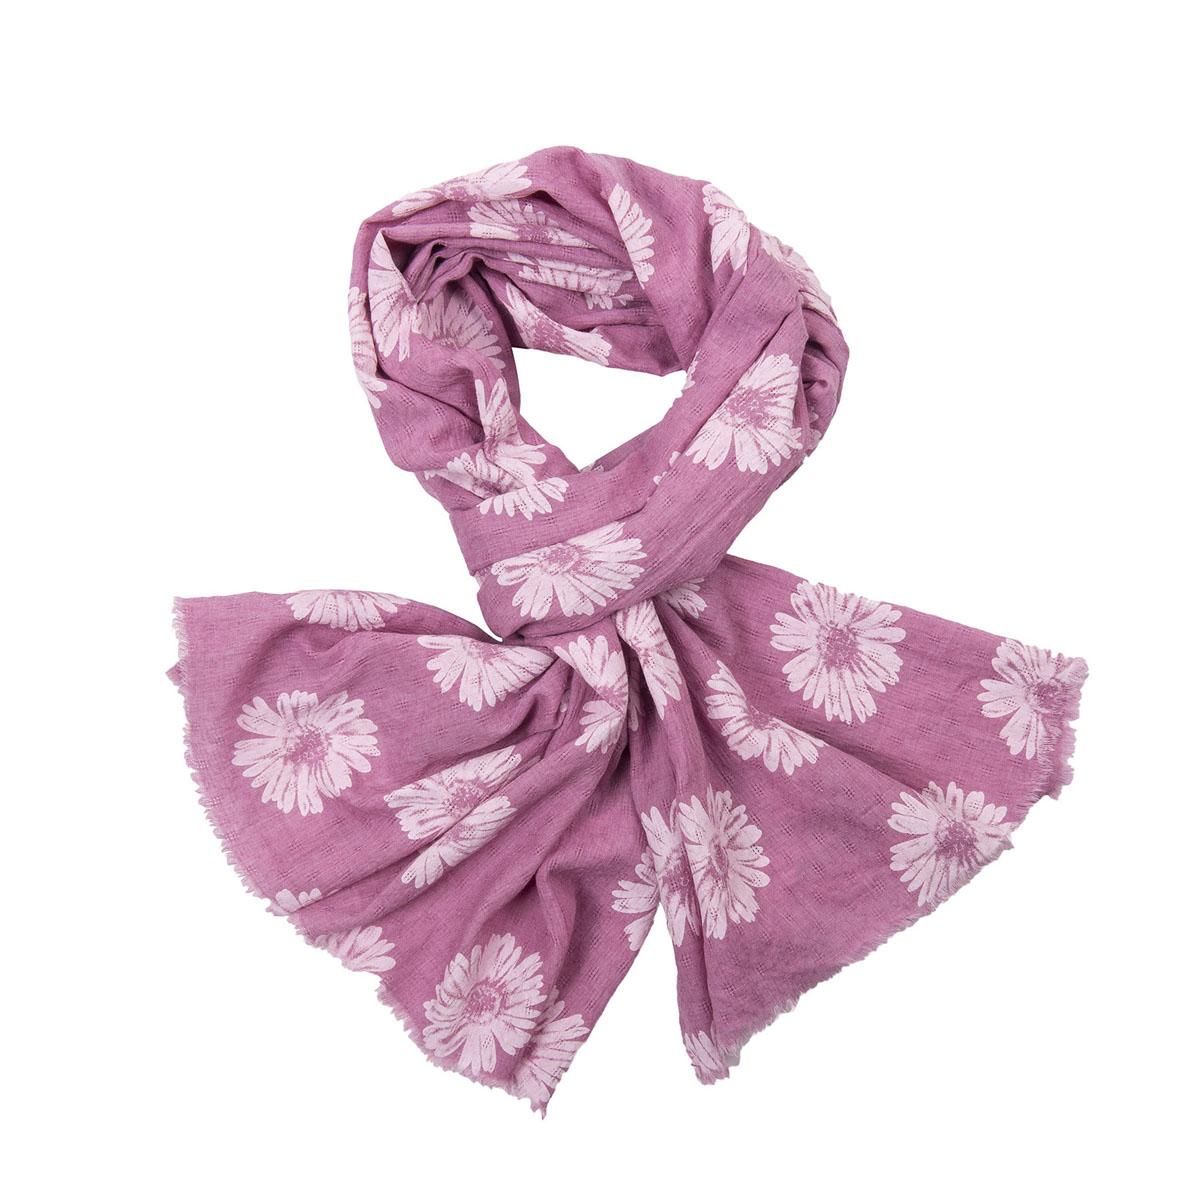 Палантин женский Модные истории, цвет: розовый, бледно-розовый. 21/0442/117. Размер 70 см х 180 см21/0442/117Легкий палантин с цветочным узором подчеркнет ваш стильный образ. Он выполнен из хлопка, льна, полиэстера. Легко и красиво драпируется.Этот модный аксессуар женского гардероба гармонично дополнит образ современной женщины, следящей за своим имиджем и стремящейся всегда оставаться стильной и элегантной.